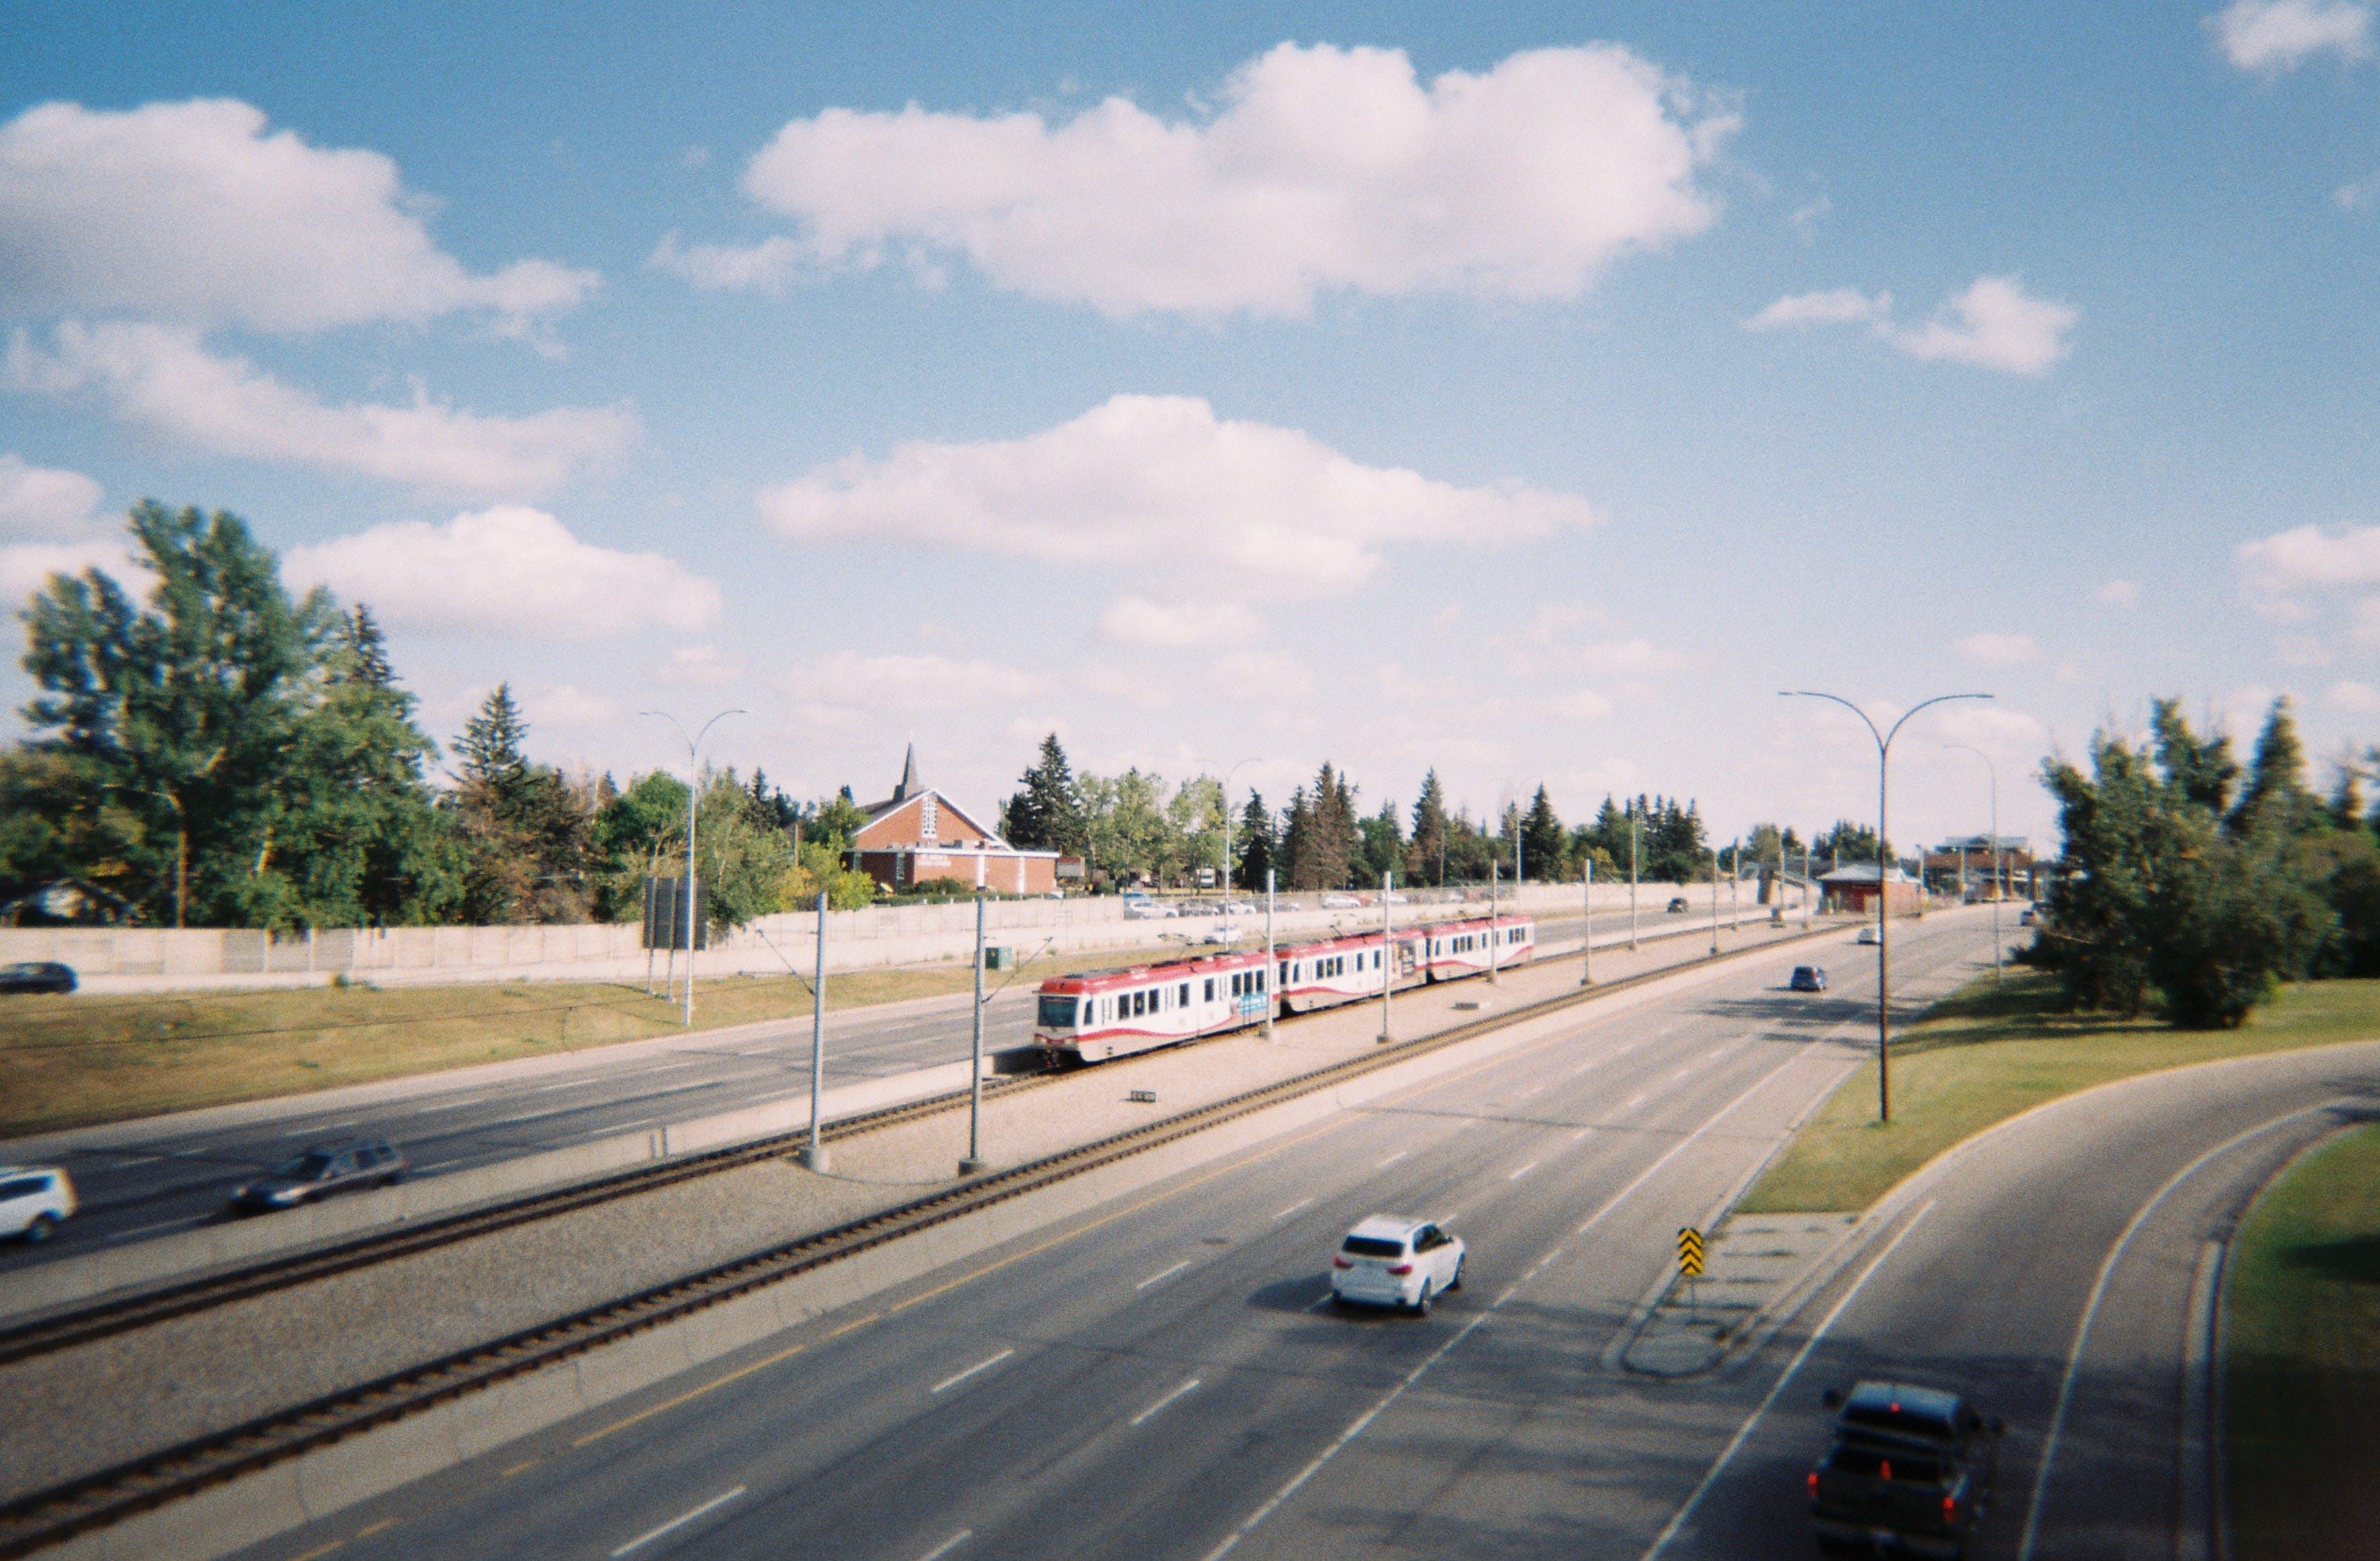 アスファルト, カナダ, トラフィック, ドライブの無料の写真素材